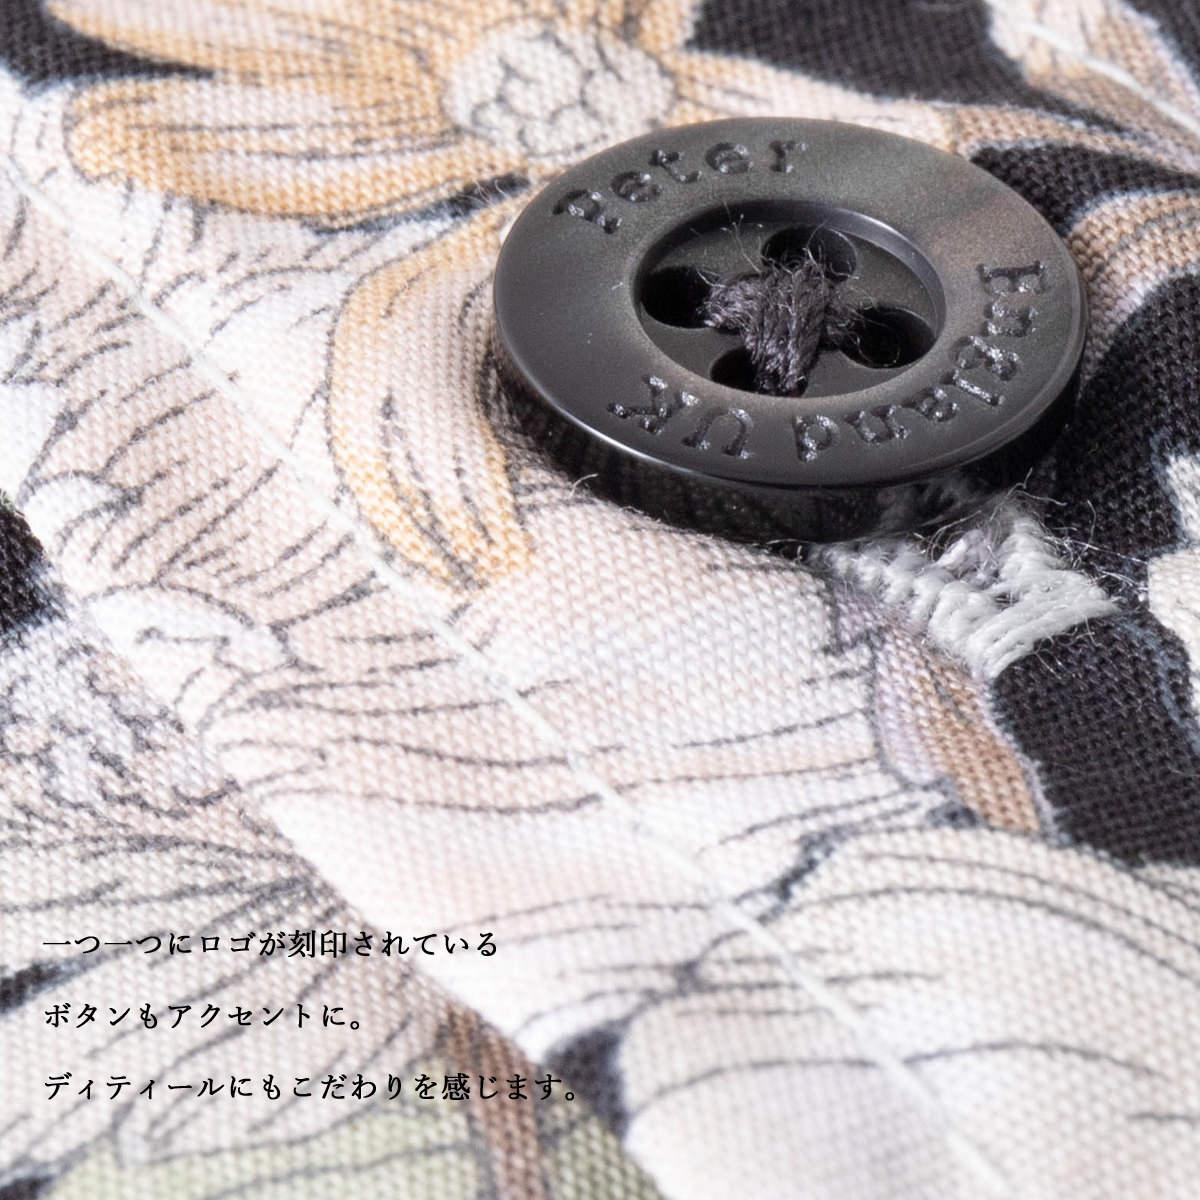 英国老舗ブランド 日本縫製 メンズ 長袖シャツ フラワープリント ブラック マルチ フローラル UKデザイン プレミアムコットン カジュアル ピーターイングランド